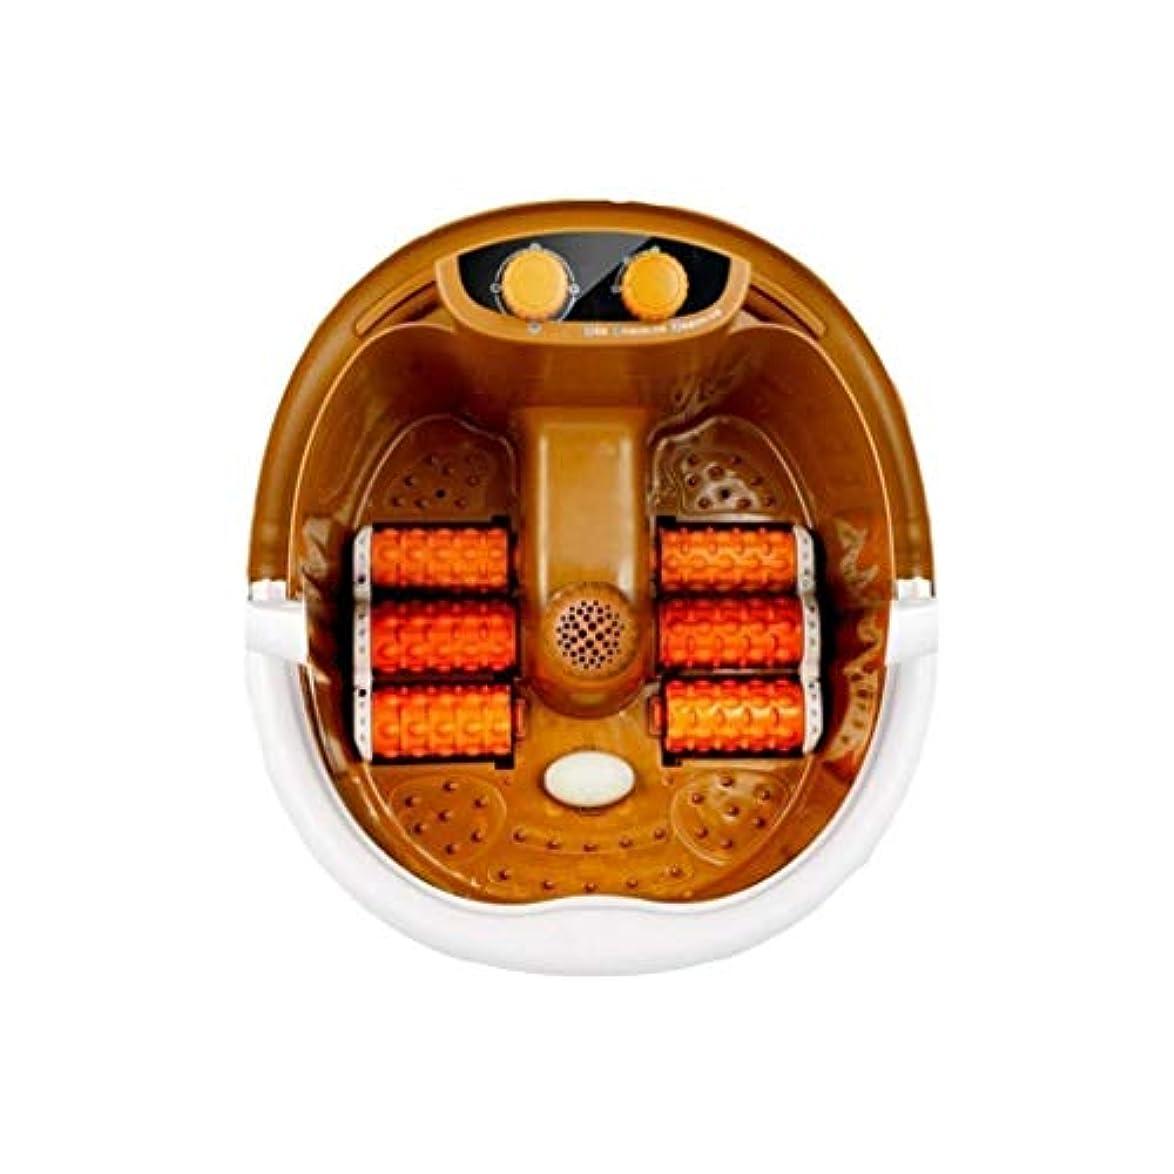 ロケーションシャンパンマナー電気フットマッサージベイスン、フットバスバレル、フットヒーテッドスパ-フットマッサージャー、痛みの緩和/睡眠の促進、ホームオフィスでの使用